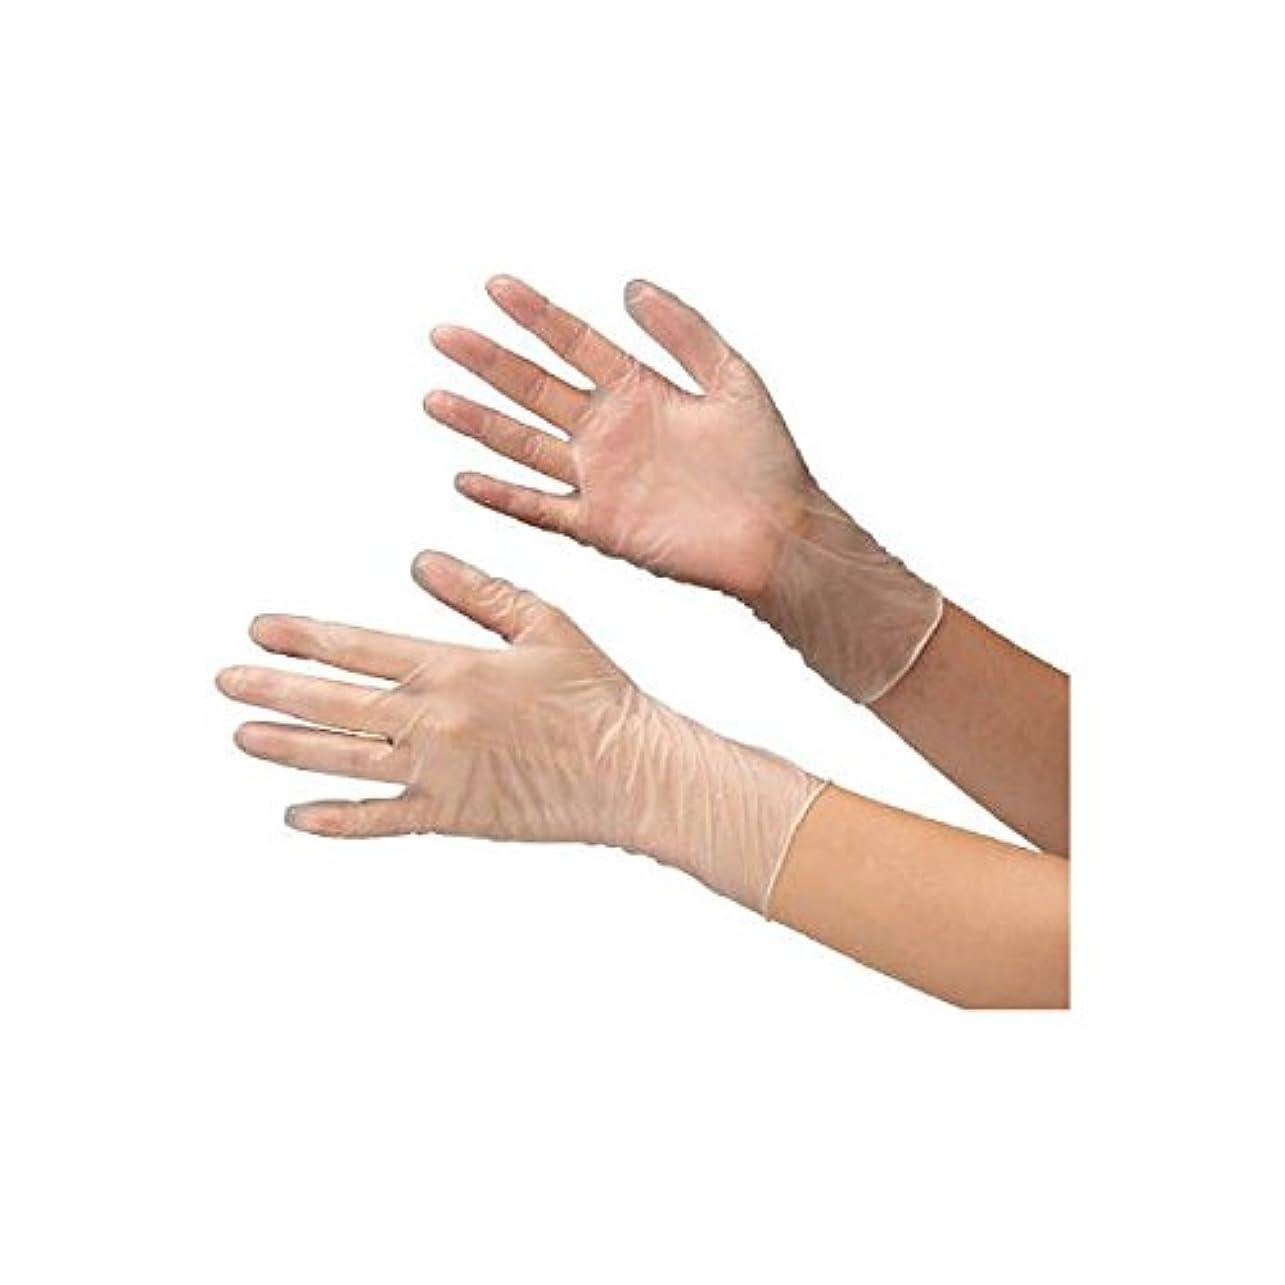 あたり全く振動させるミドリ安全/ミドリ安全 塩化ビニール製 使い捨て手袋 粉なし 100枚入 LL(3889319) VERTE-851-LL [その他]